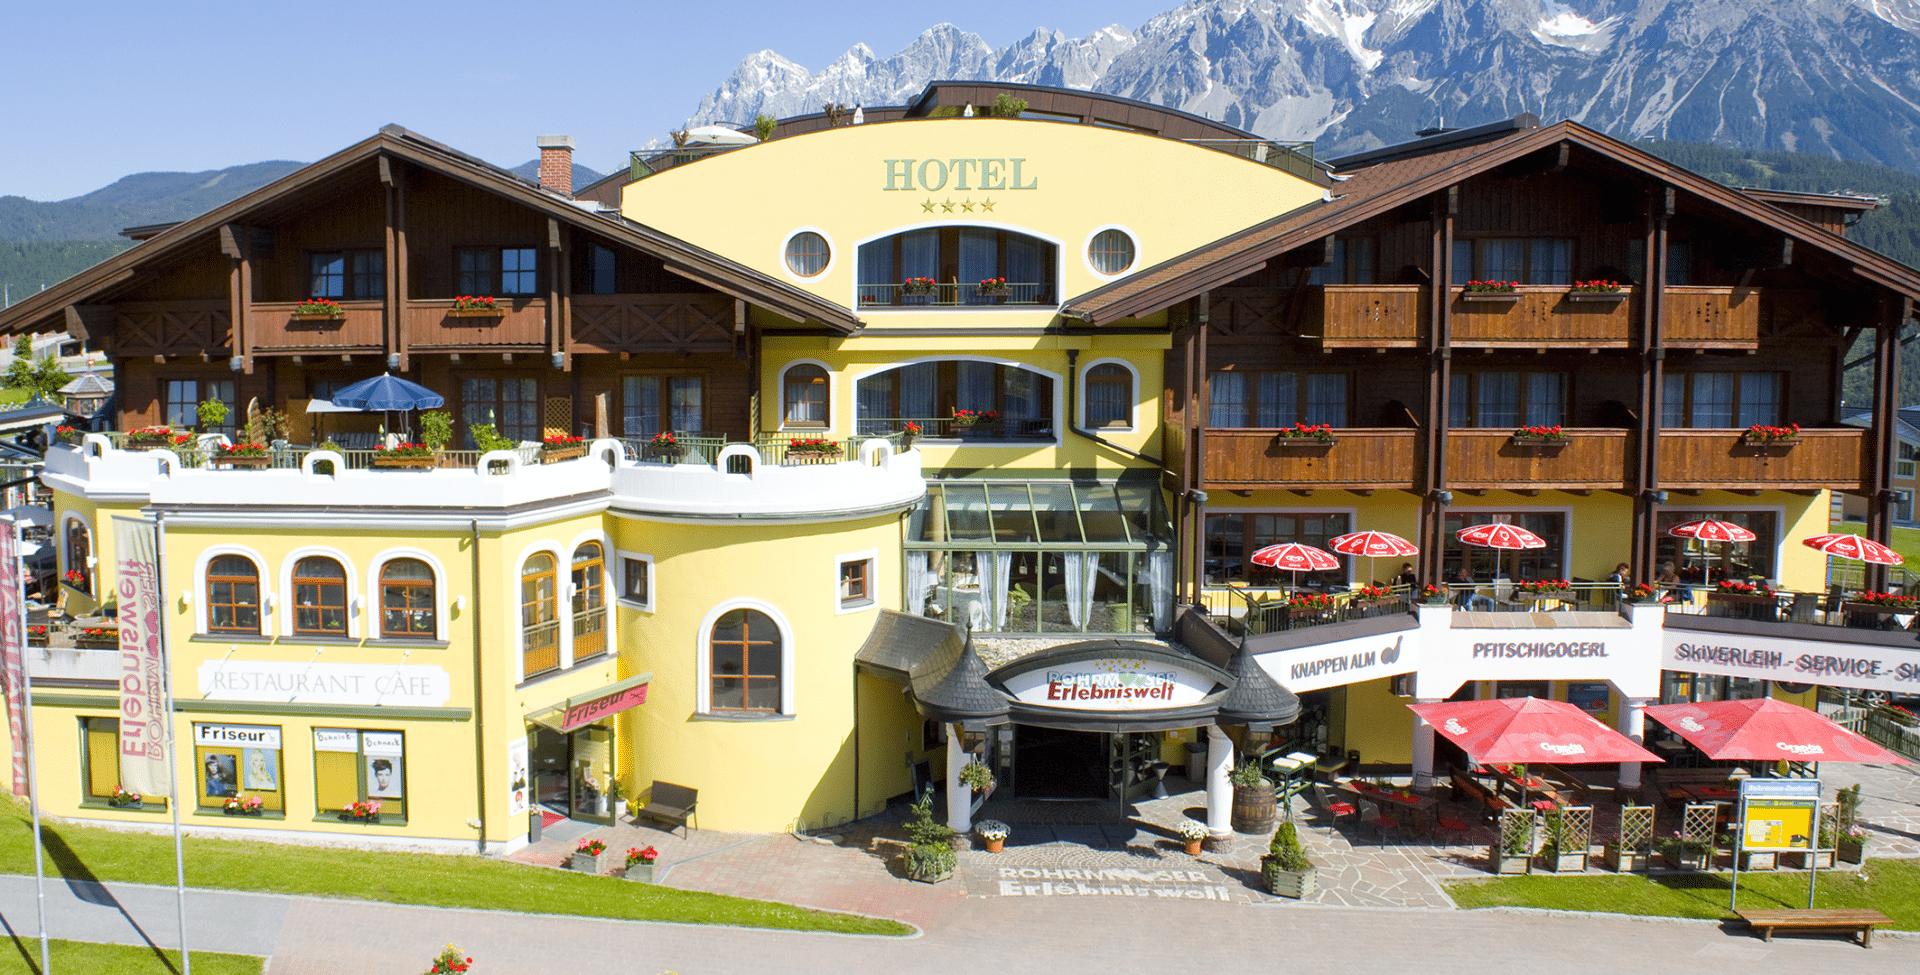 Hotel Erlebniswelt im Sommer